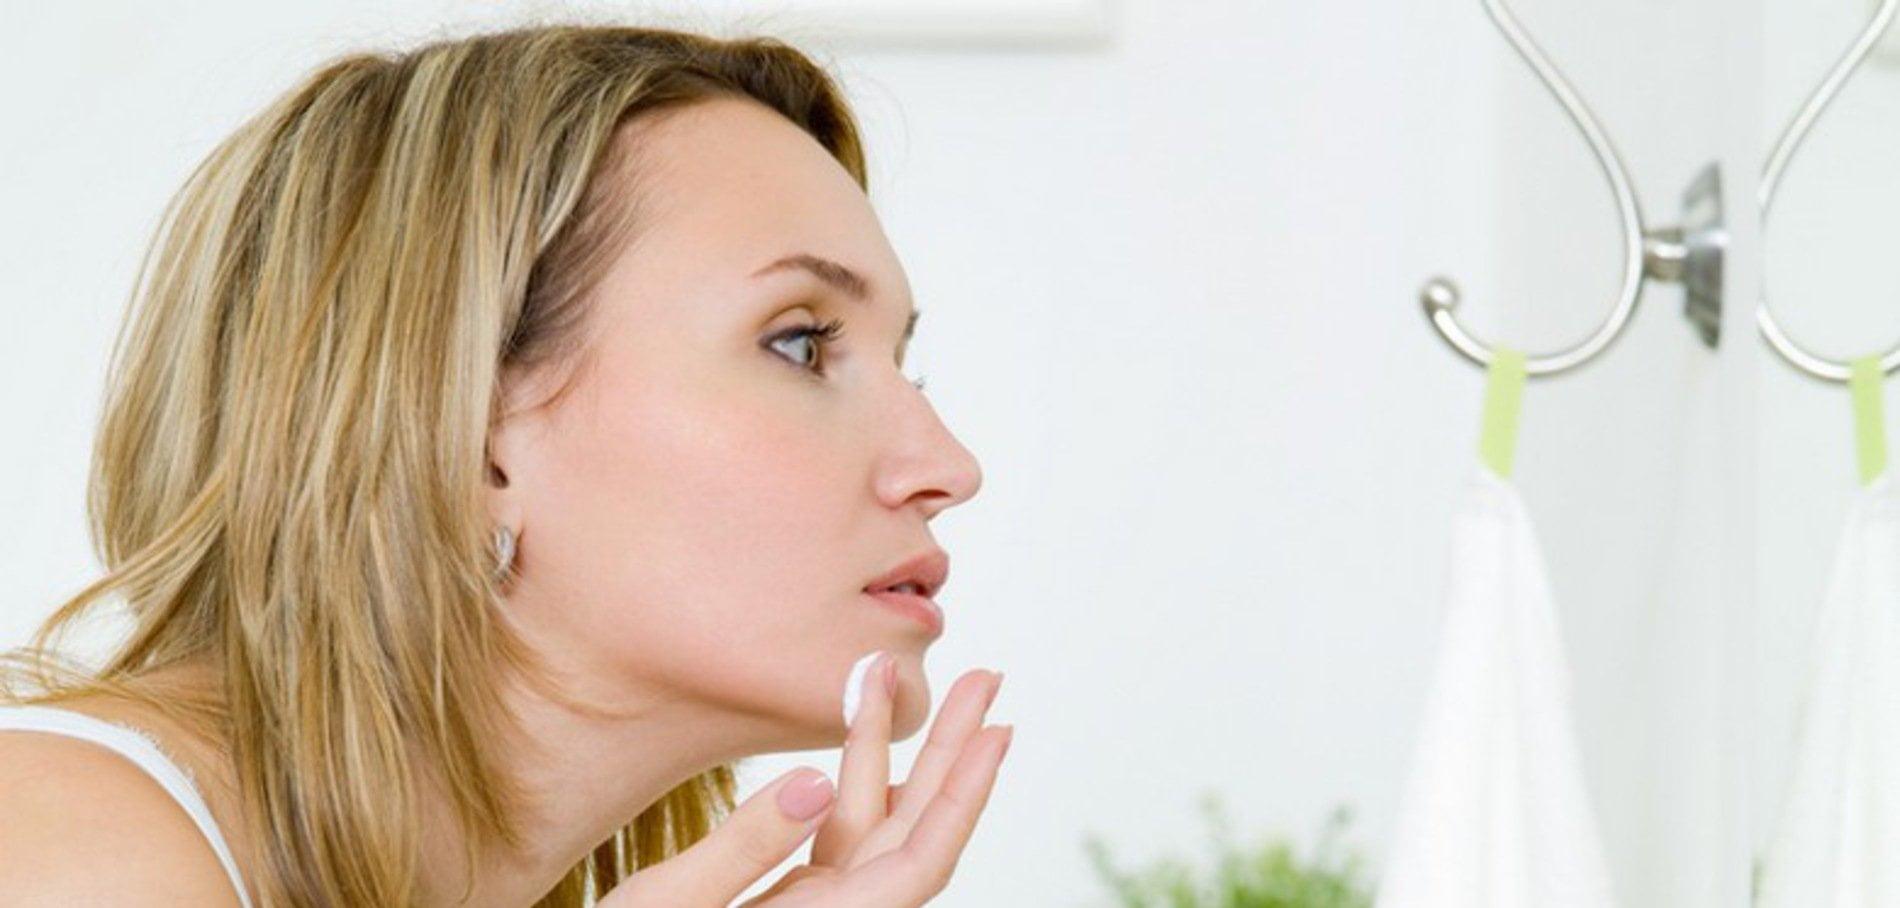 Une belle peau pour accueillir l t axonpost for Astuces maison pour une belle peau